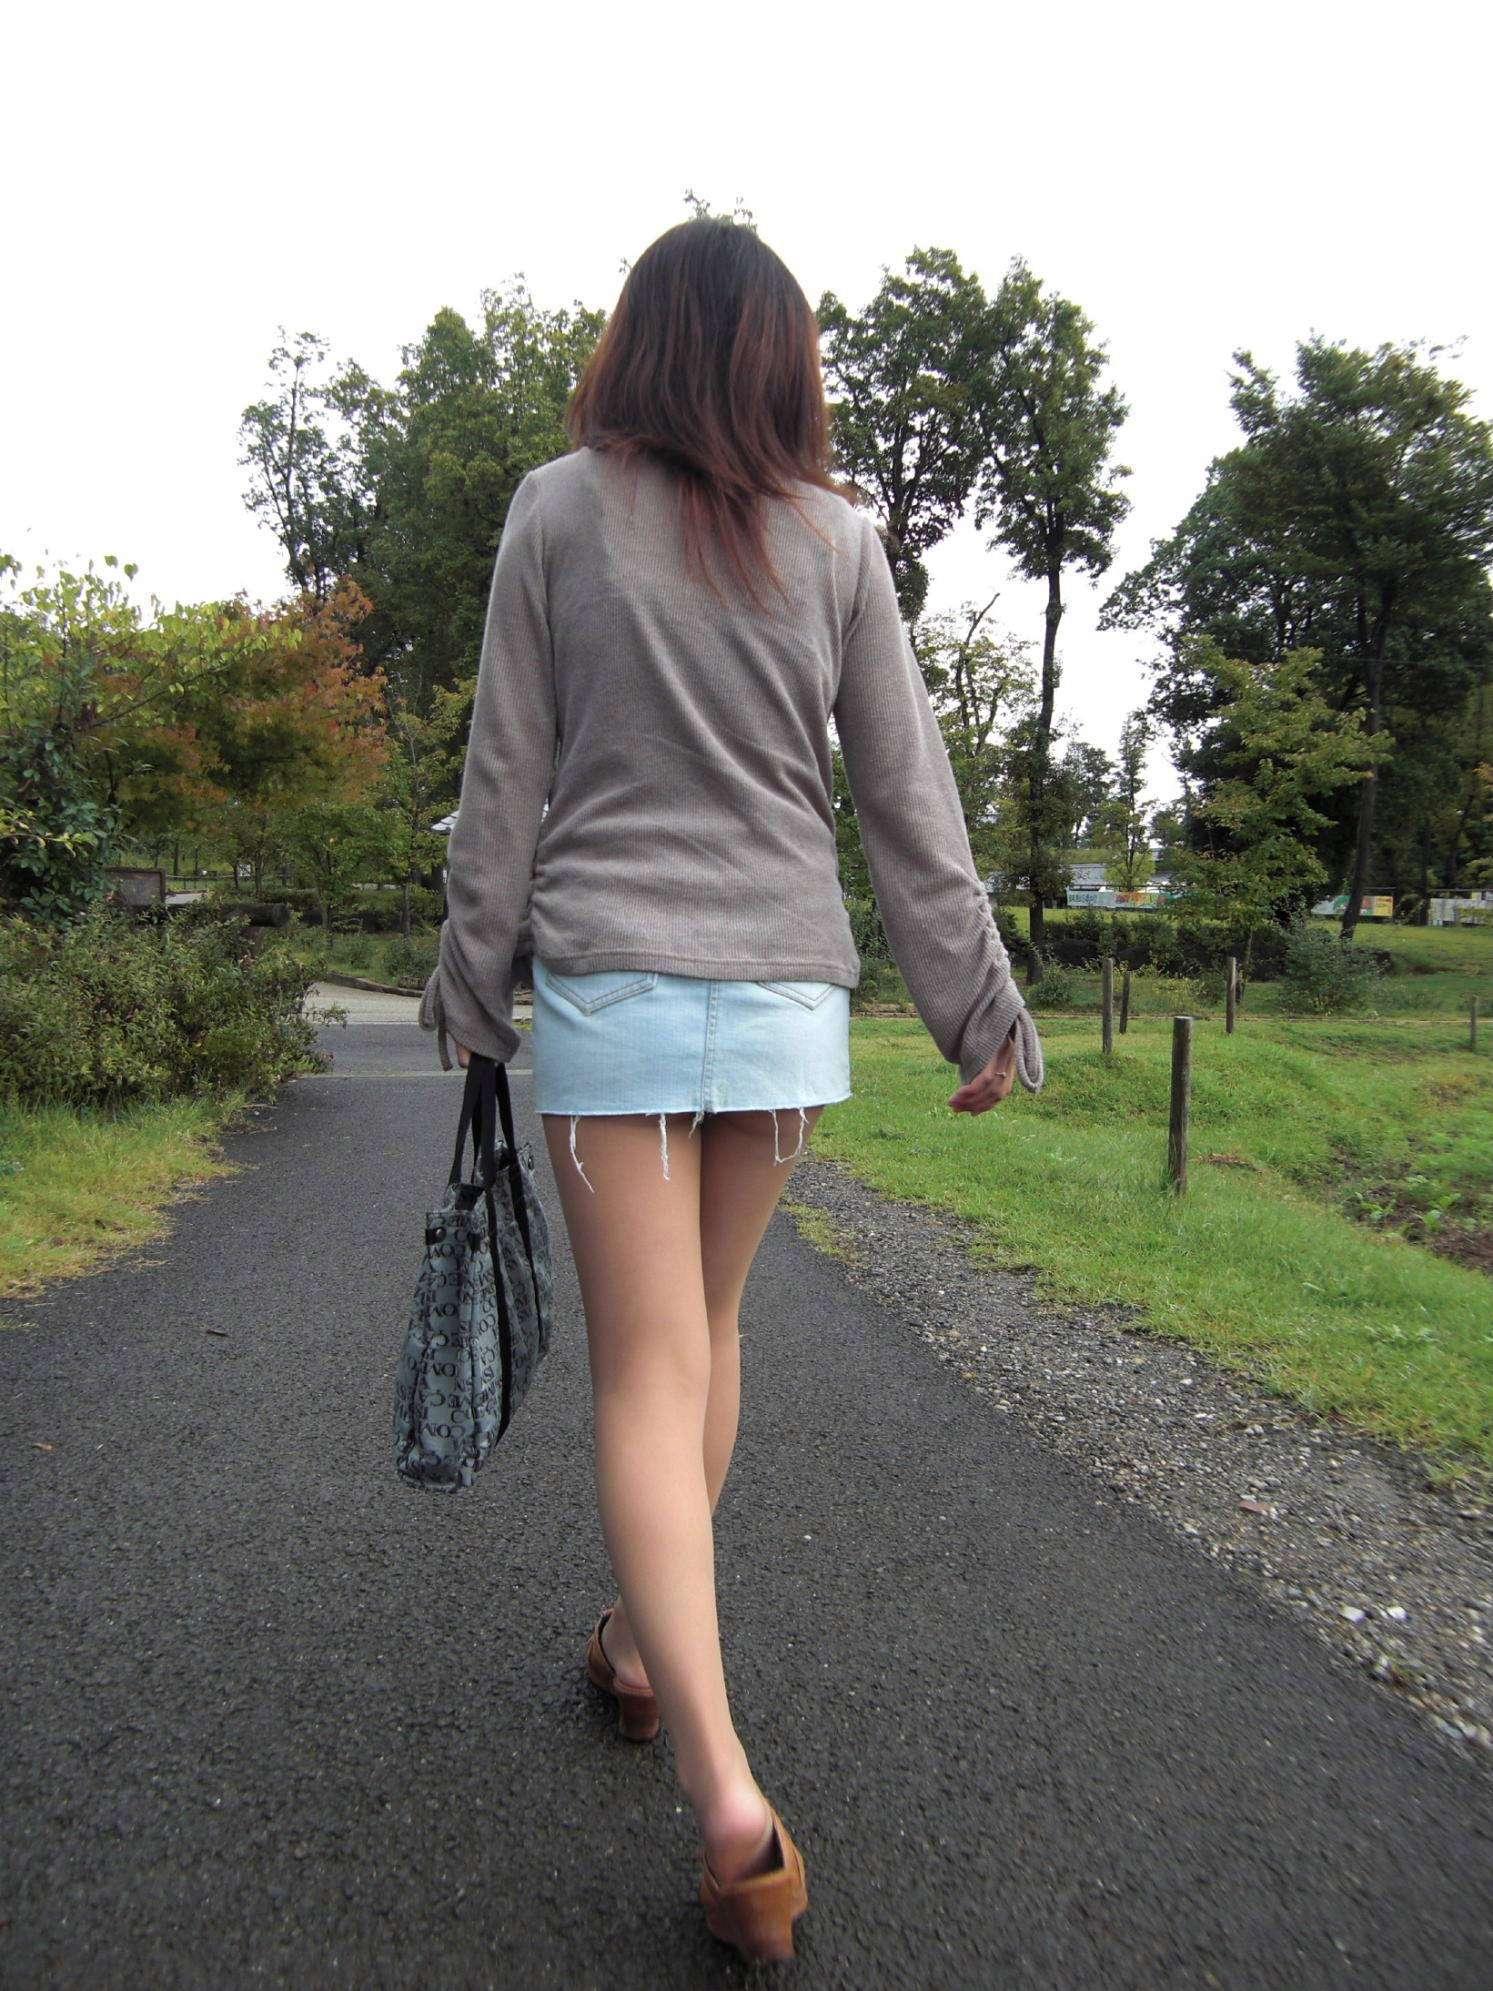 淫乱OLが食い込みタイトスカートで誘惑してるエロ画像2枚目